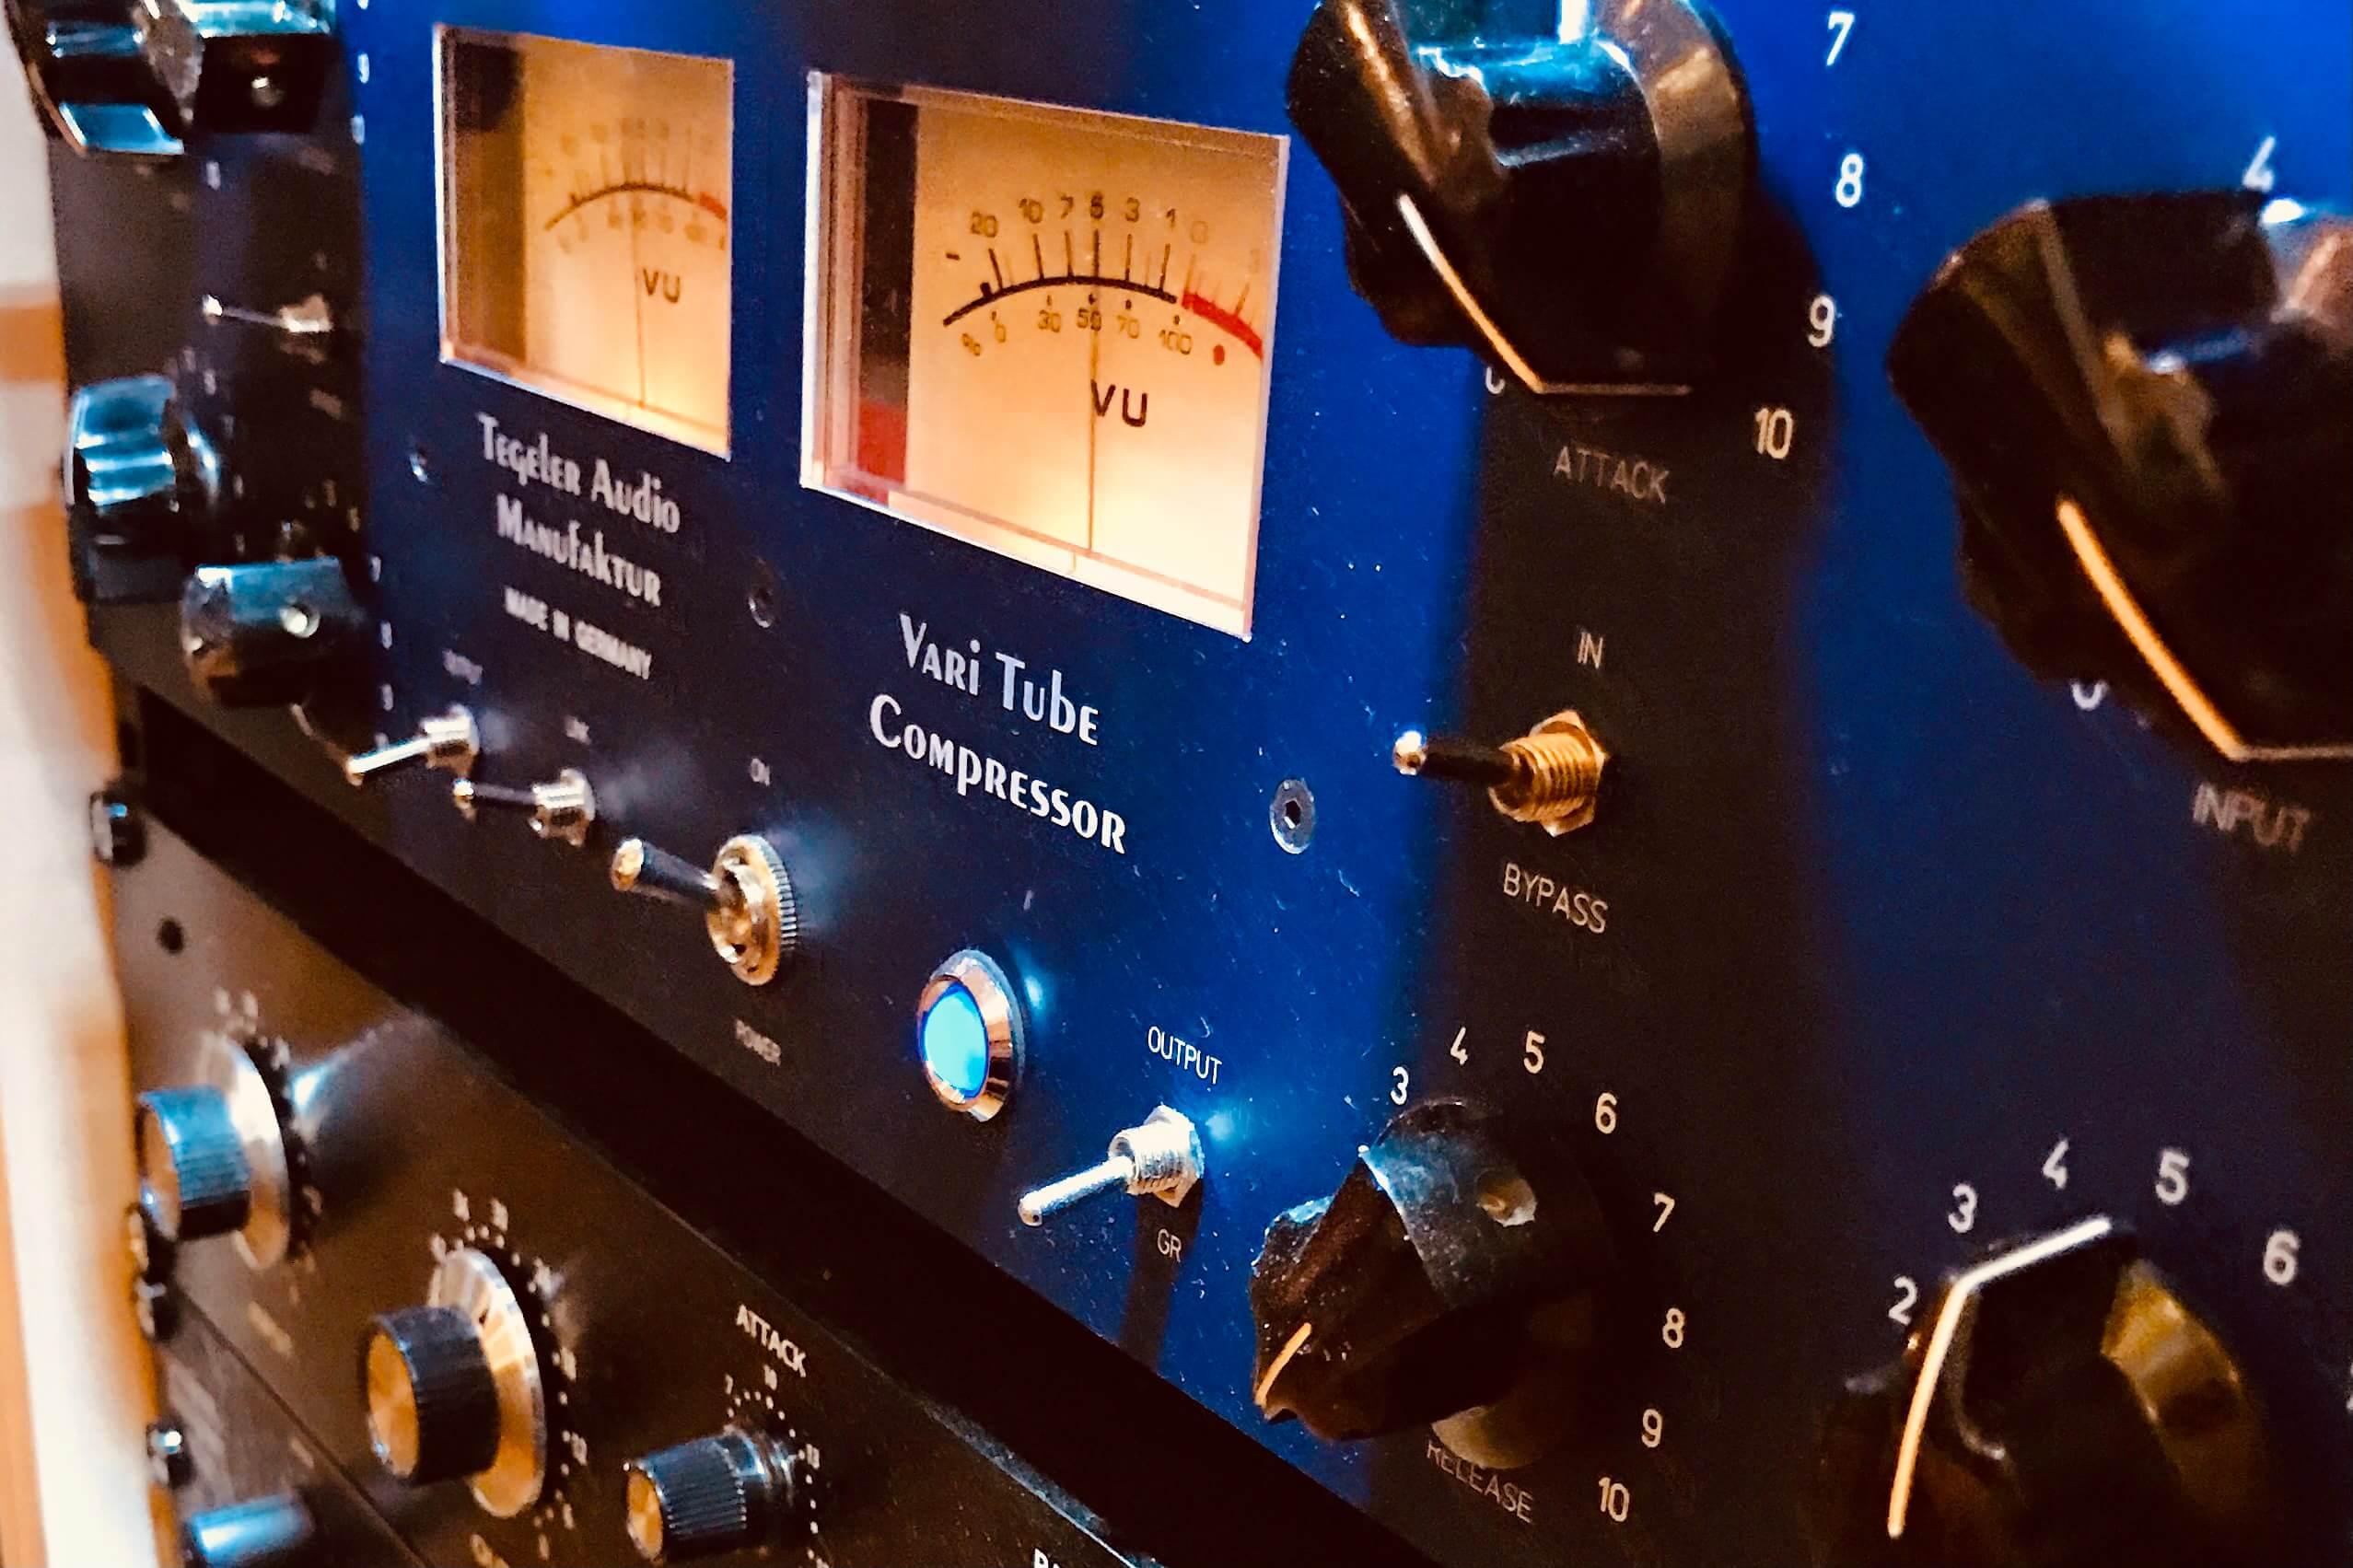 Vocals aufnehmen - mit oder ohne Kompressor